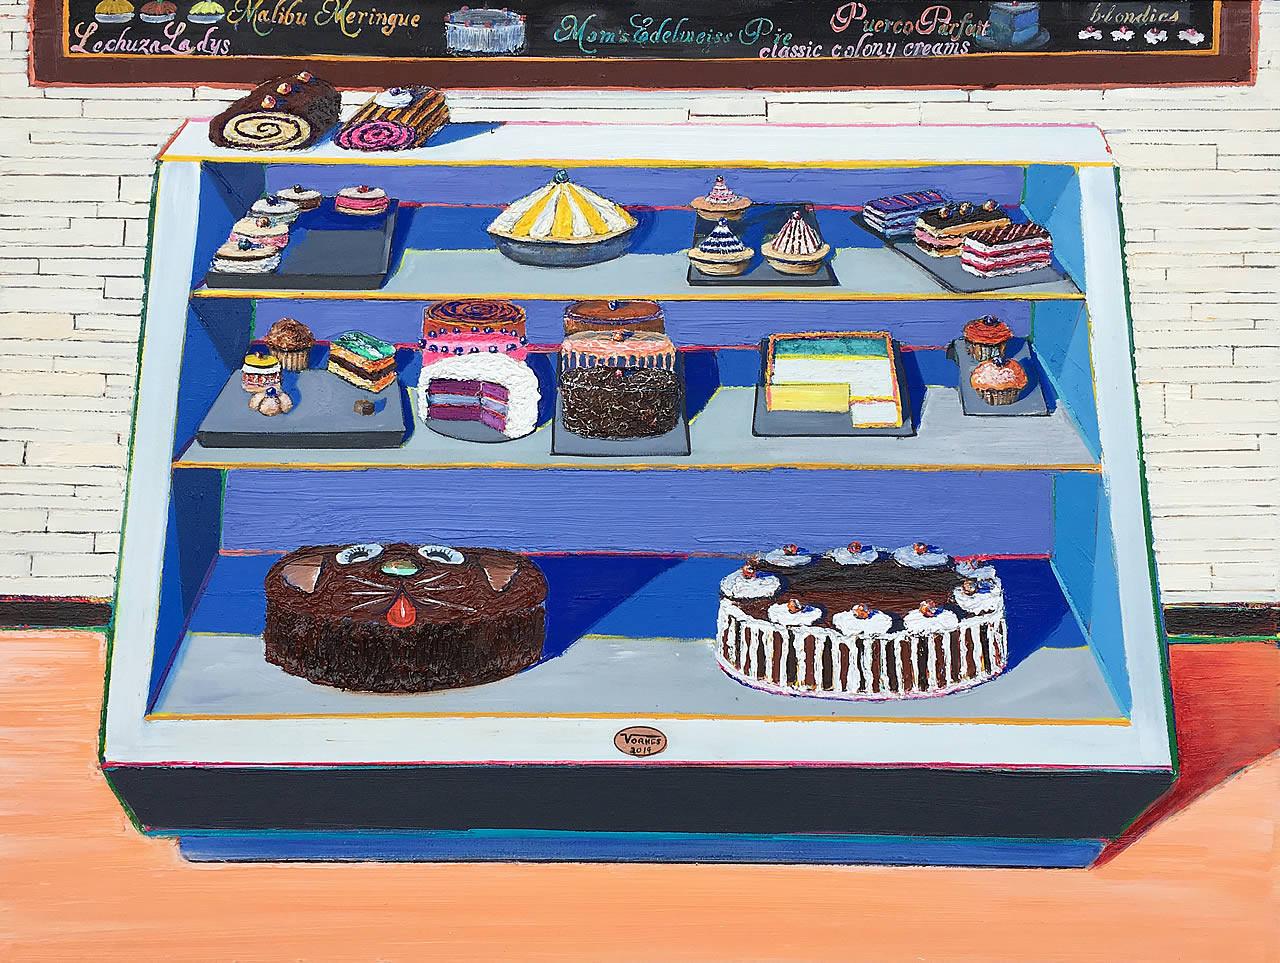 Malibu Confection Counter